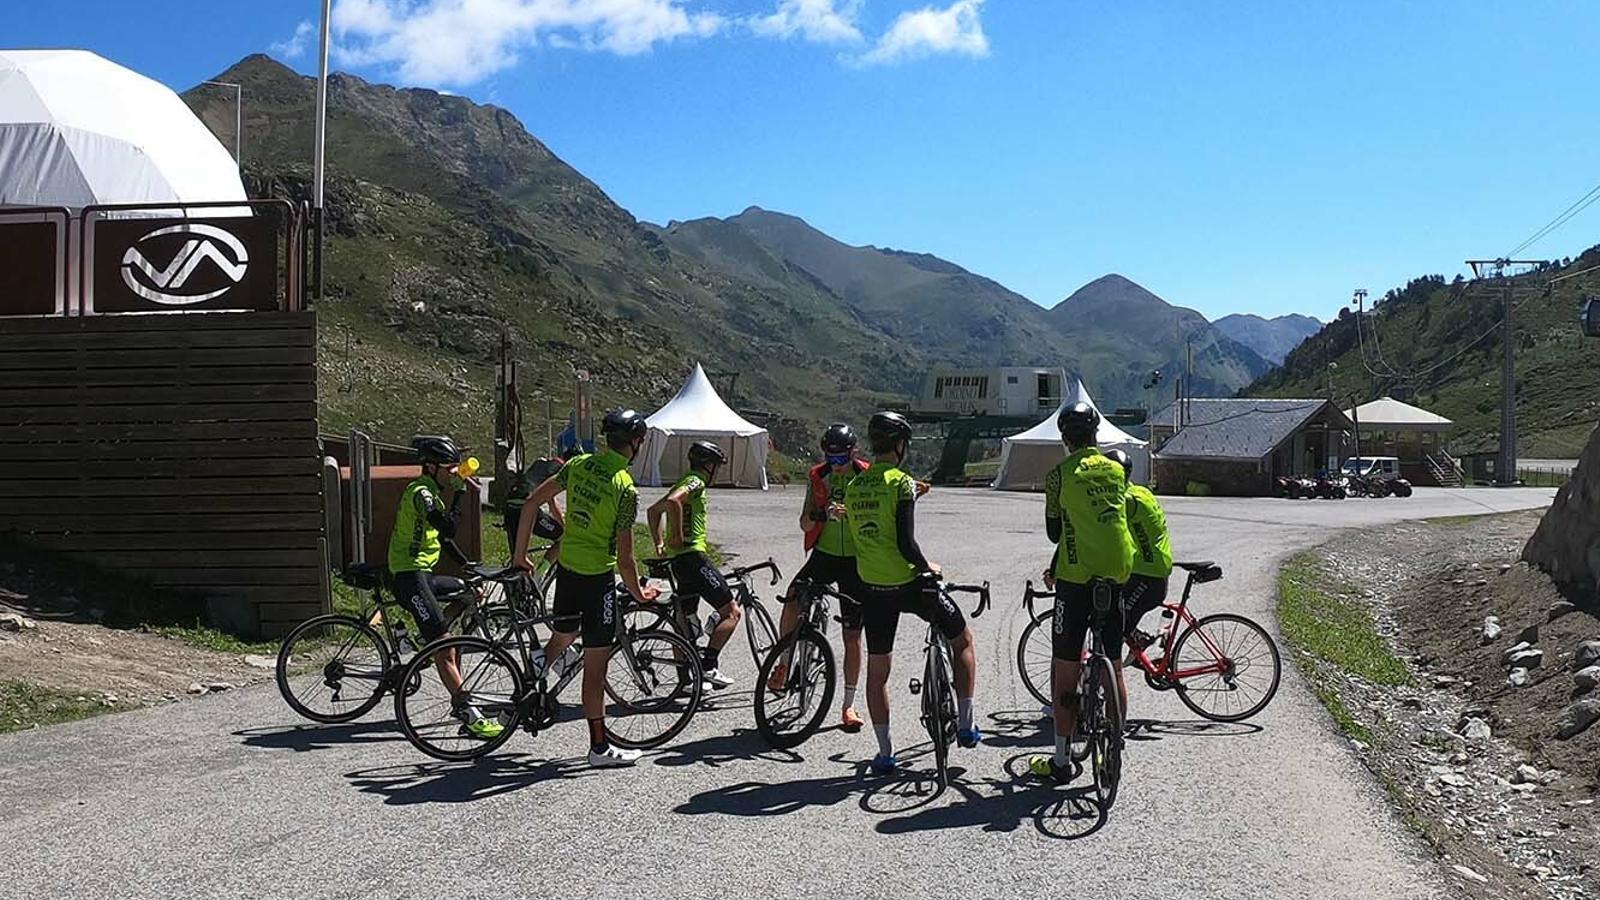 Un grup de ciclistes a la zona de la Coma d'Arcalís. / ORDINO ARCALÍS